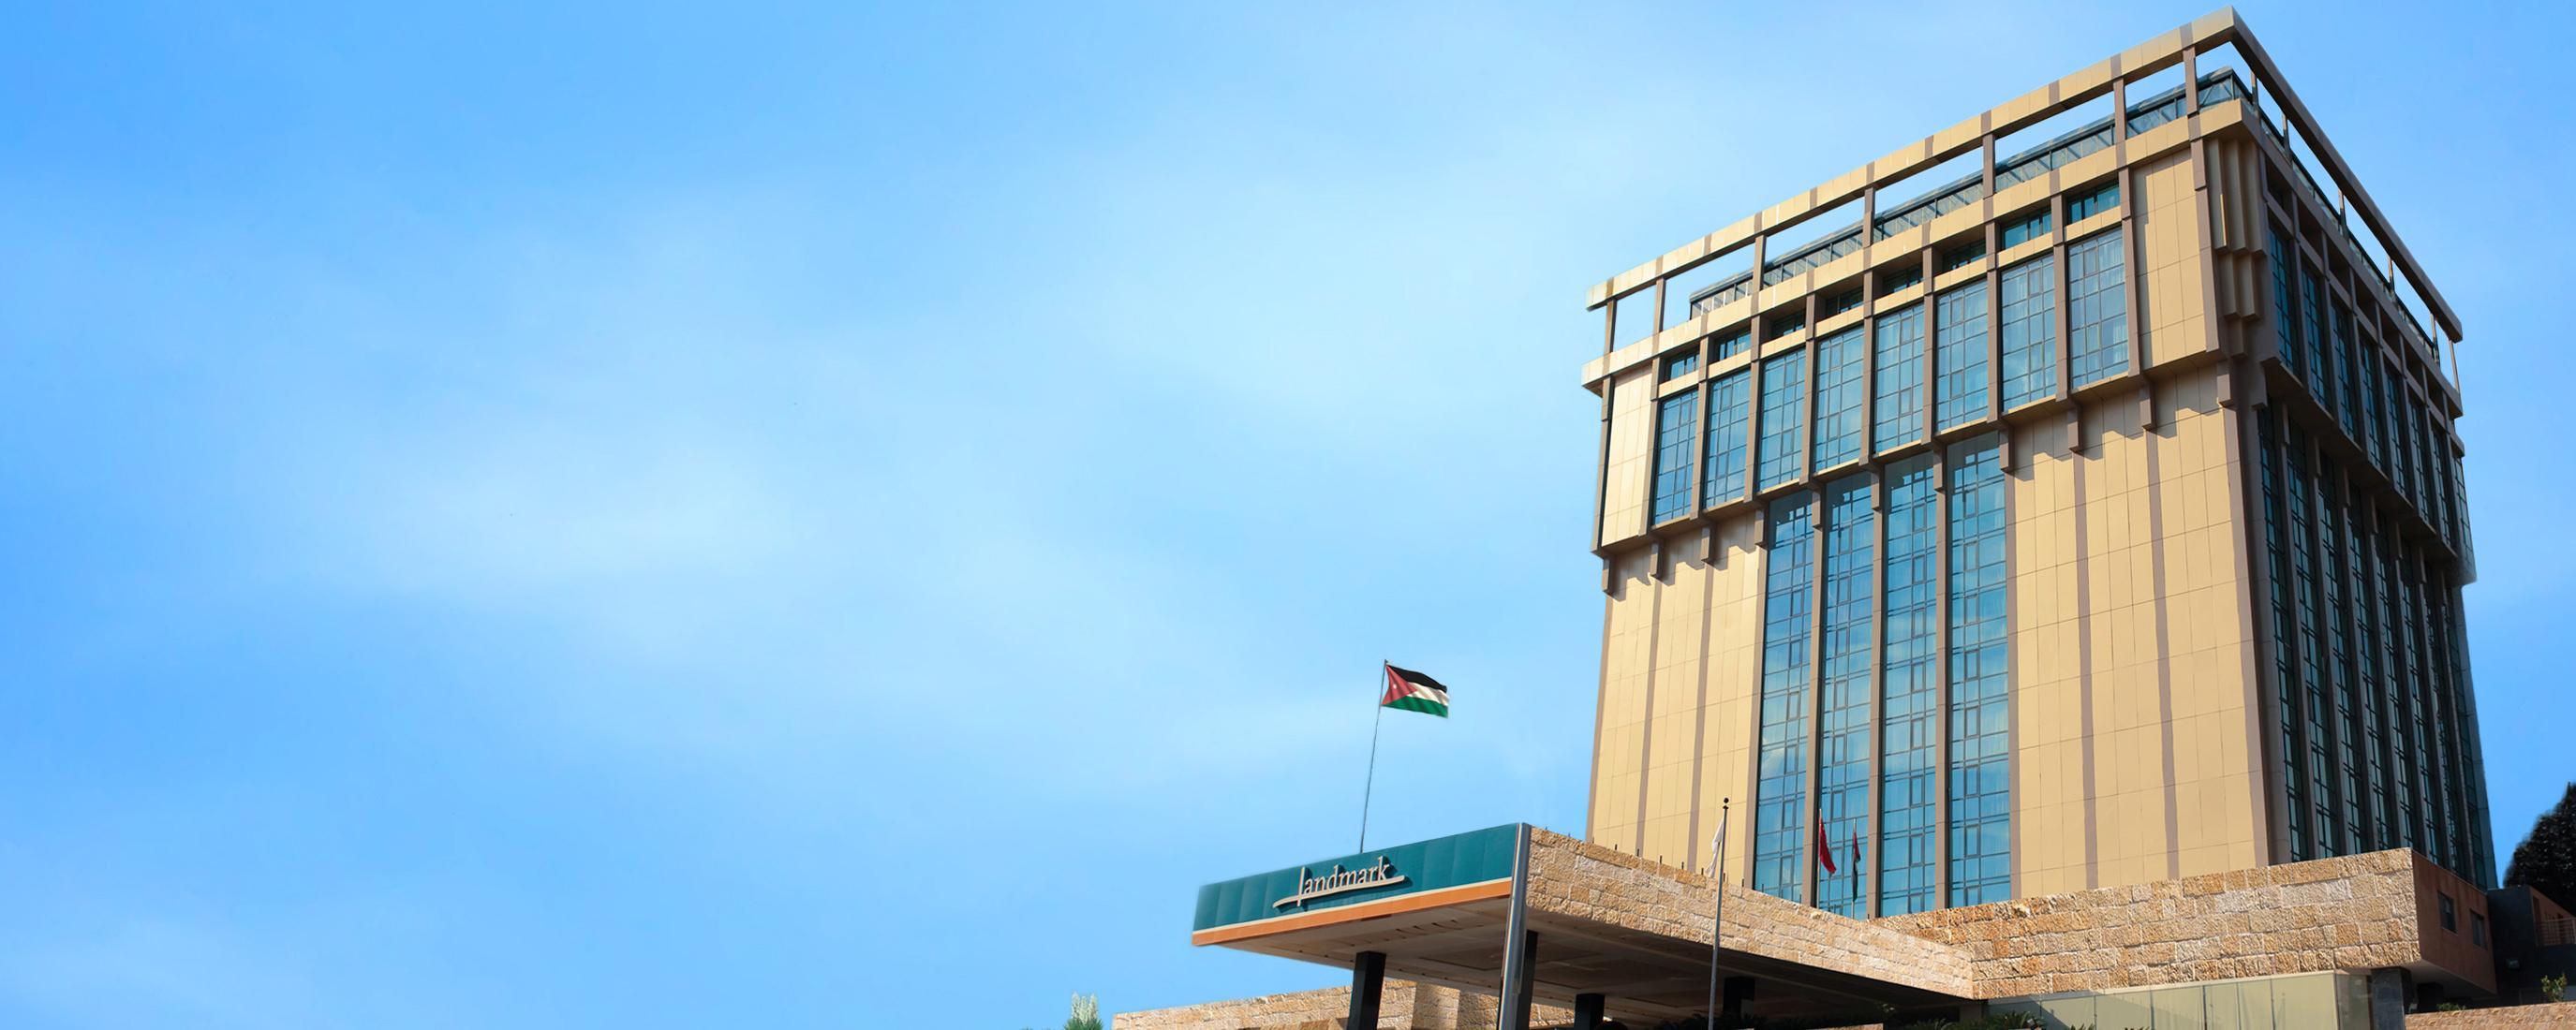 Die Videoüberwachungslösung von Dahua erhöhte die Sicherheit des Landmark Amman Hotel